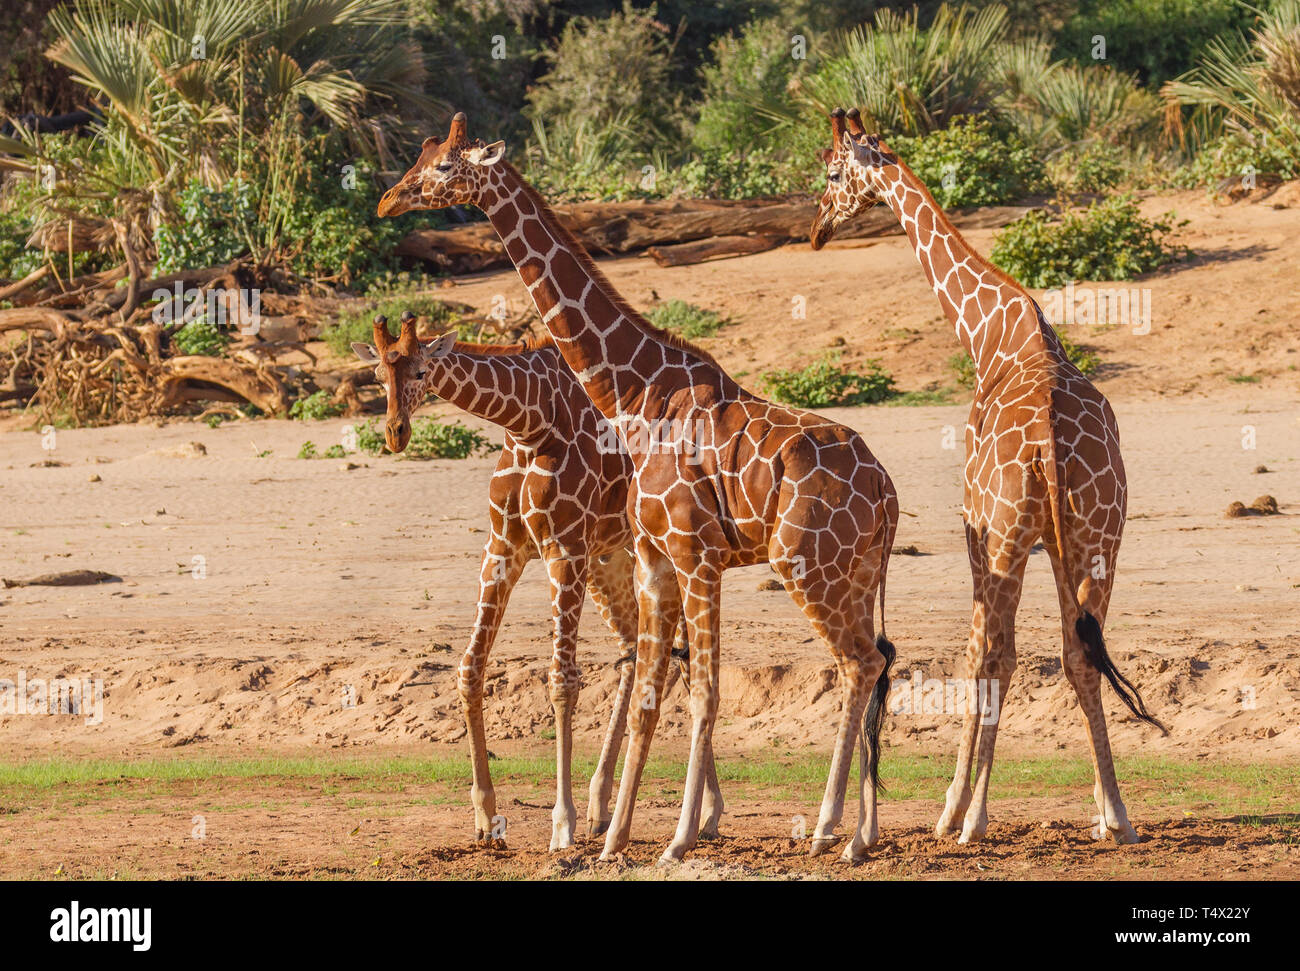 Giraffe réticulée Giraffa camelopardalis reticulata groupe drôle de danse boogie trois twirl Samburu National Reserve Kenya Afrique de l'est en voie de disparition Banque D'Images